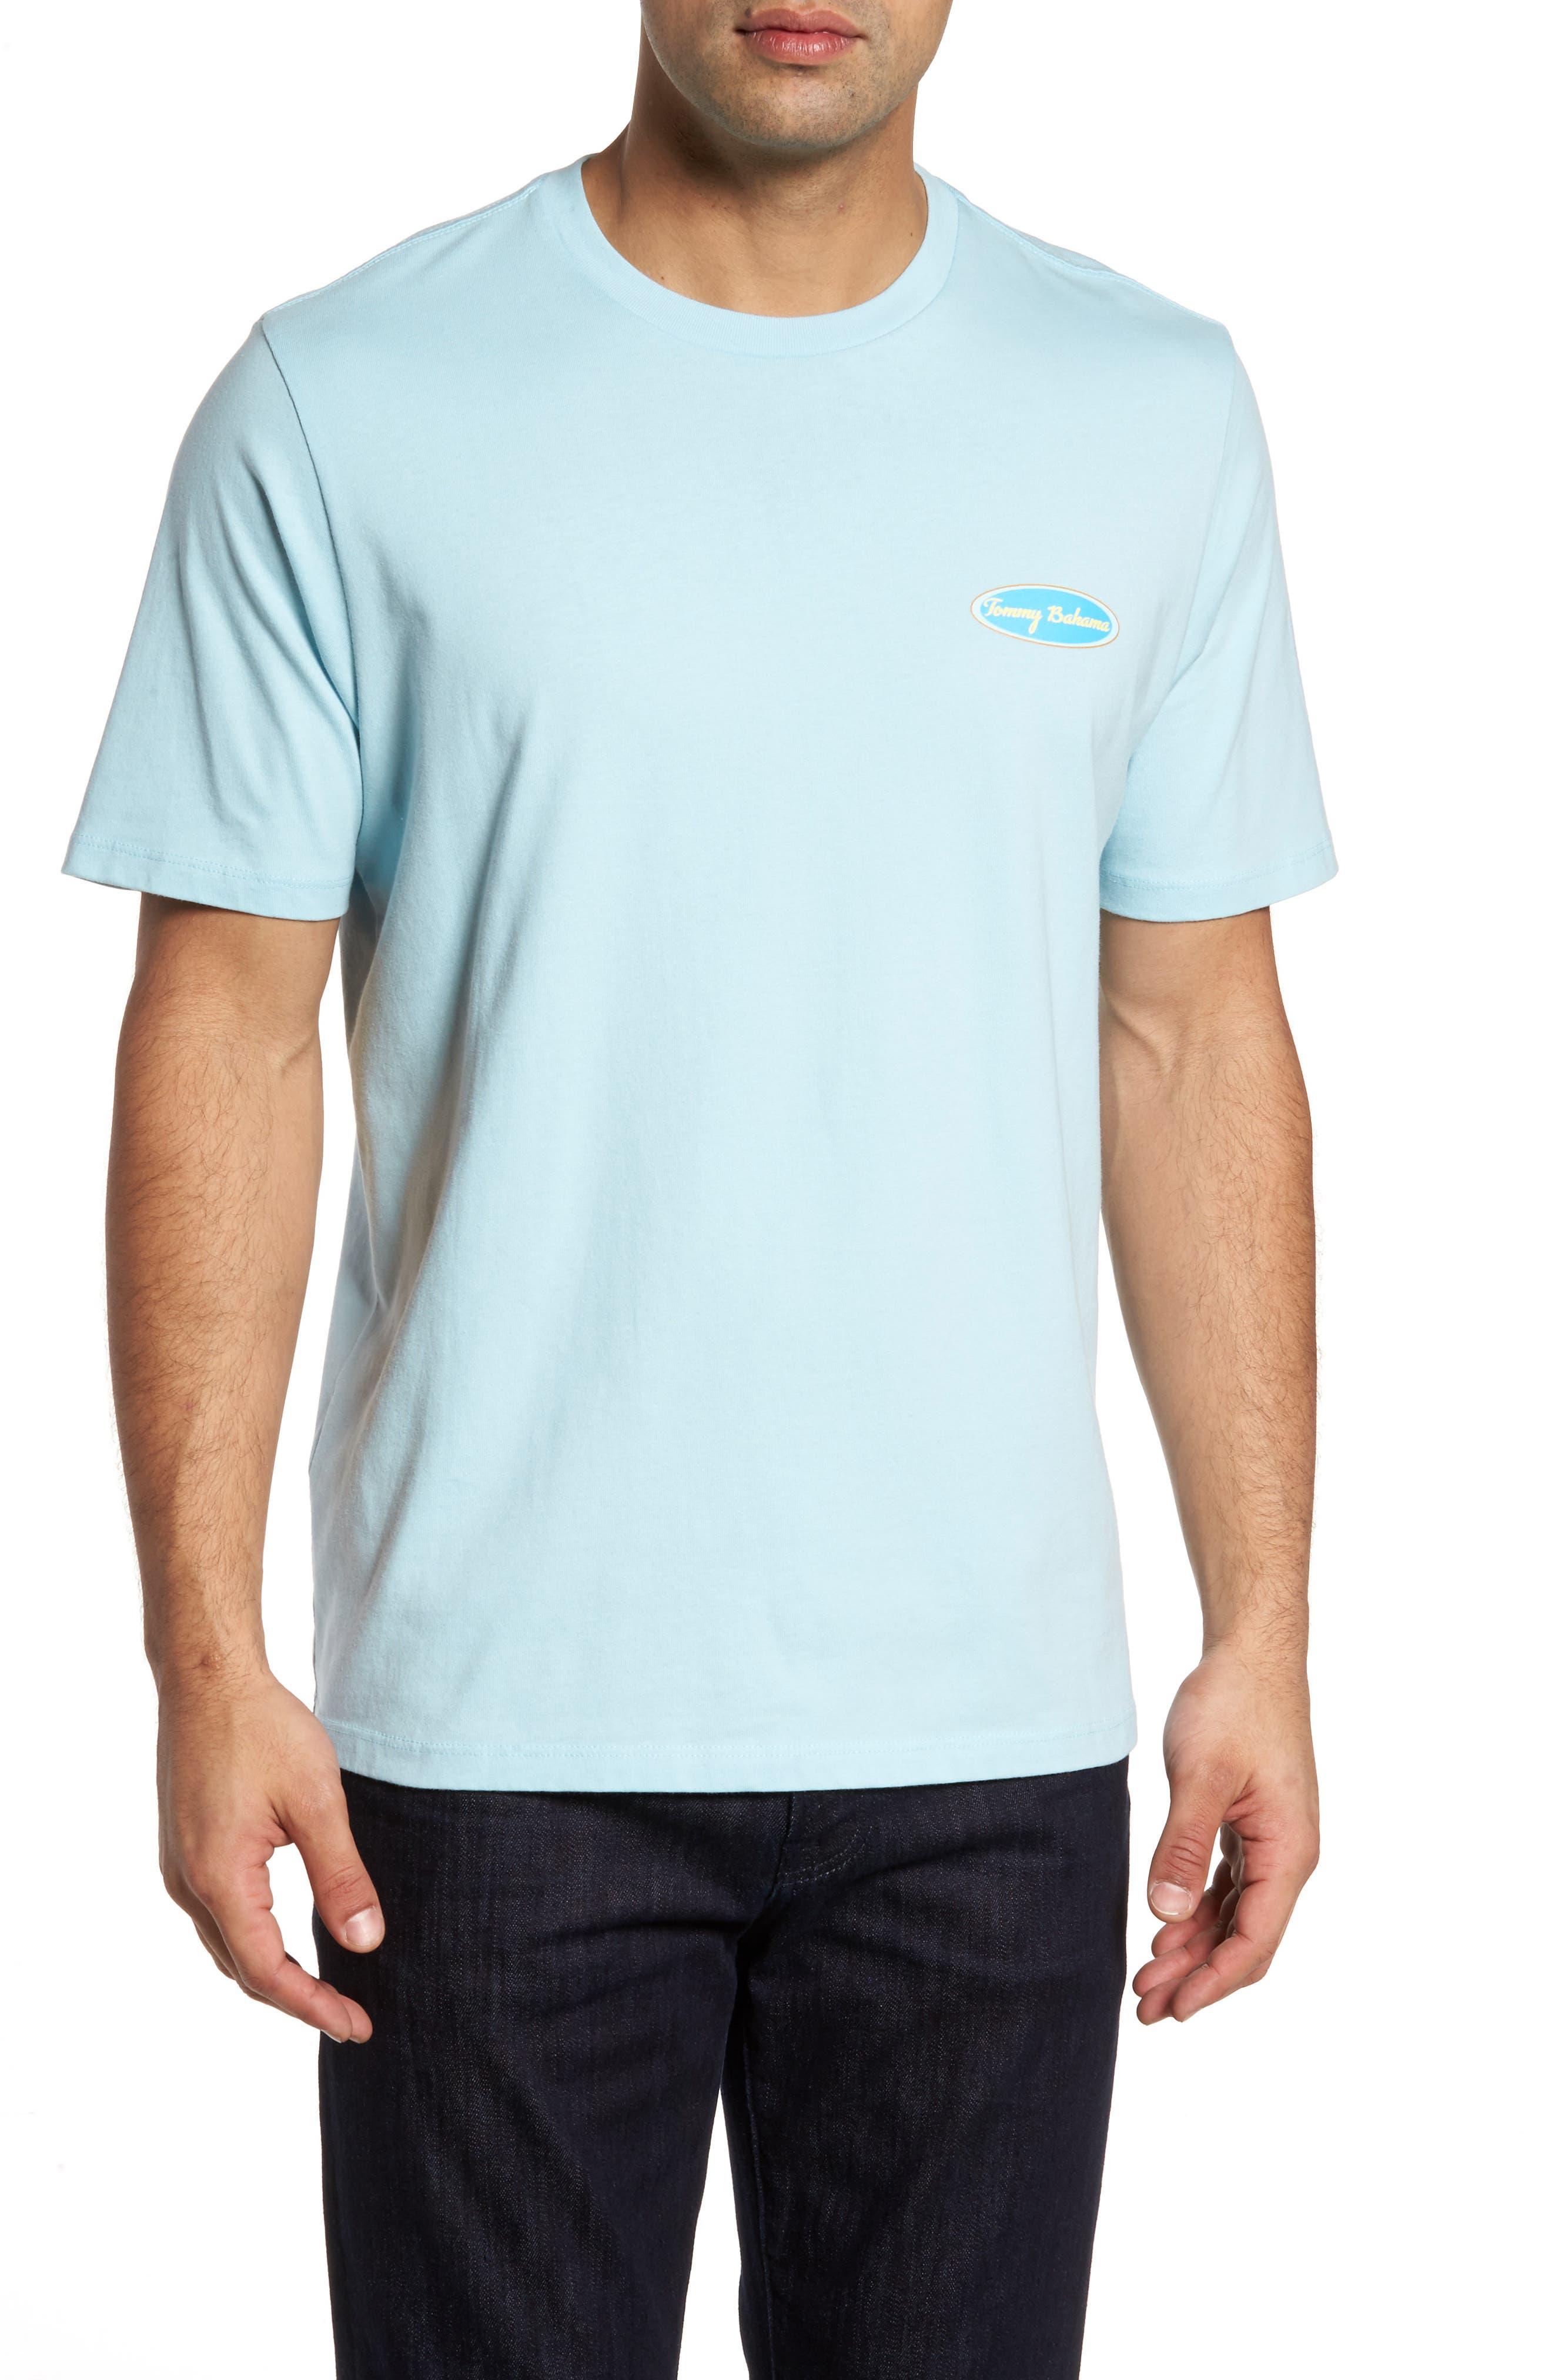 Suns Out T-Shirt,                         Main,                         color, 400